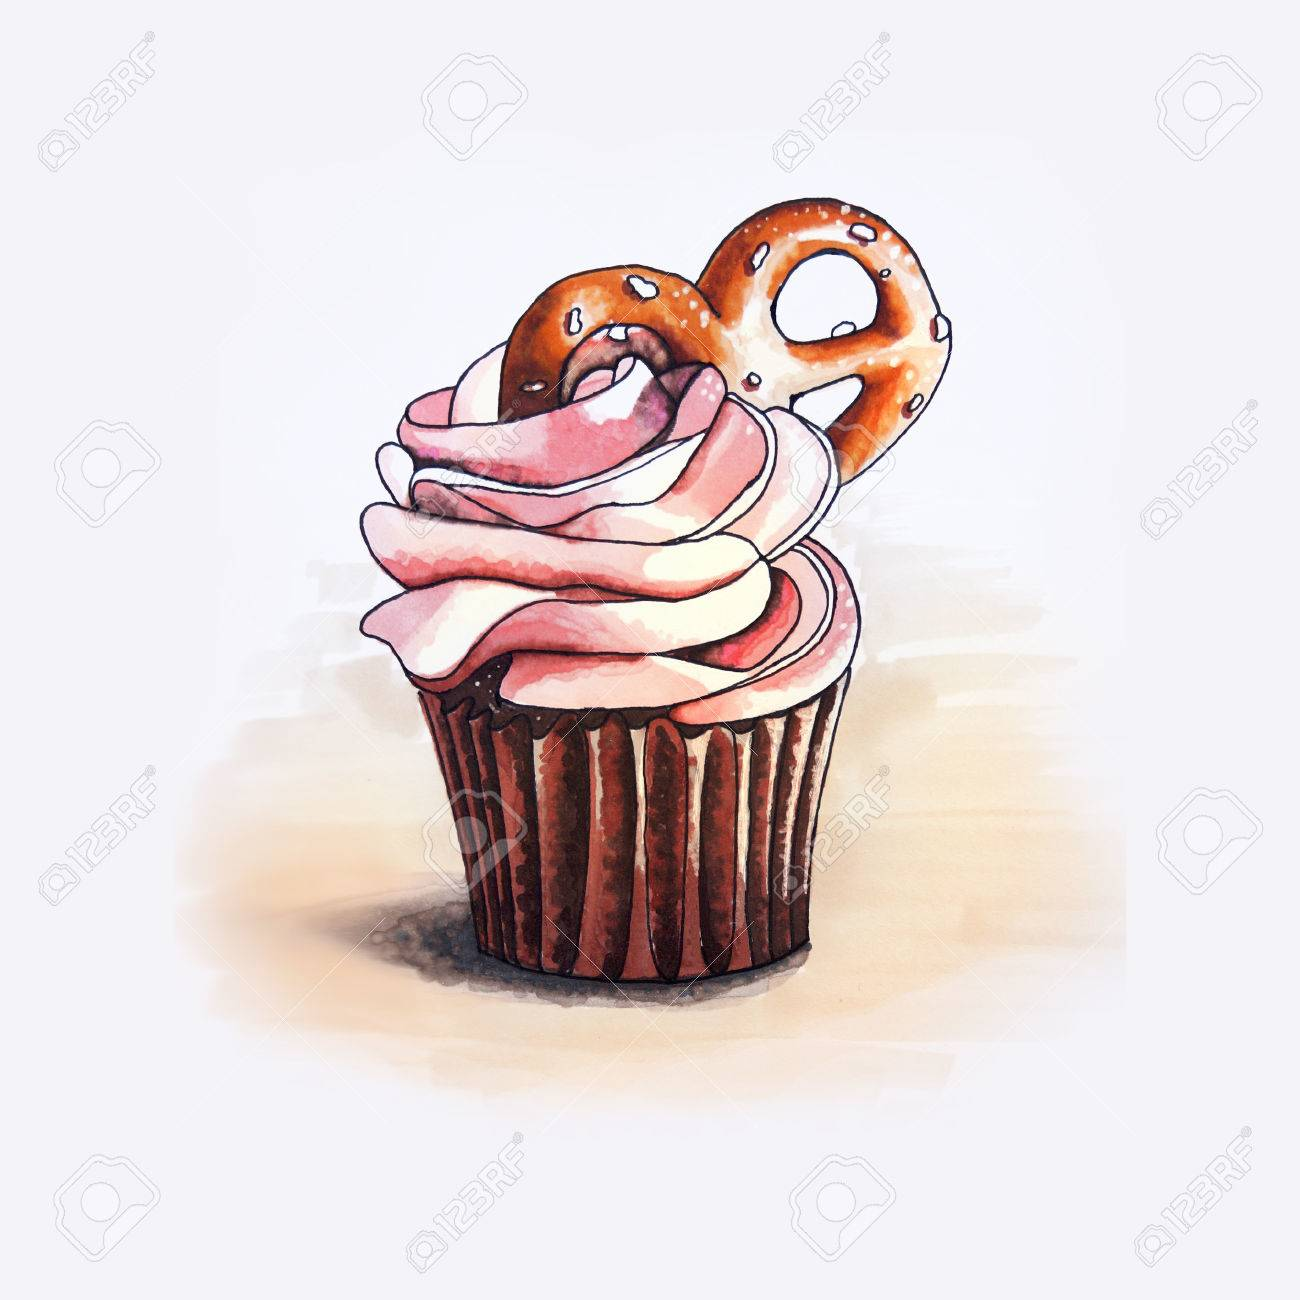 かわいいカップケーキのイラスト の写真素材画像素材 Image 71121212